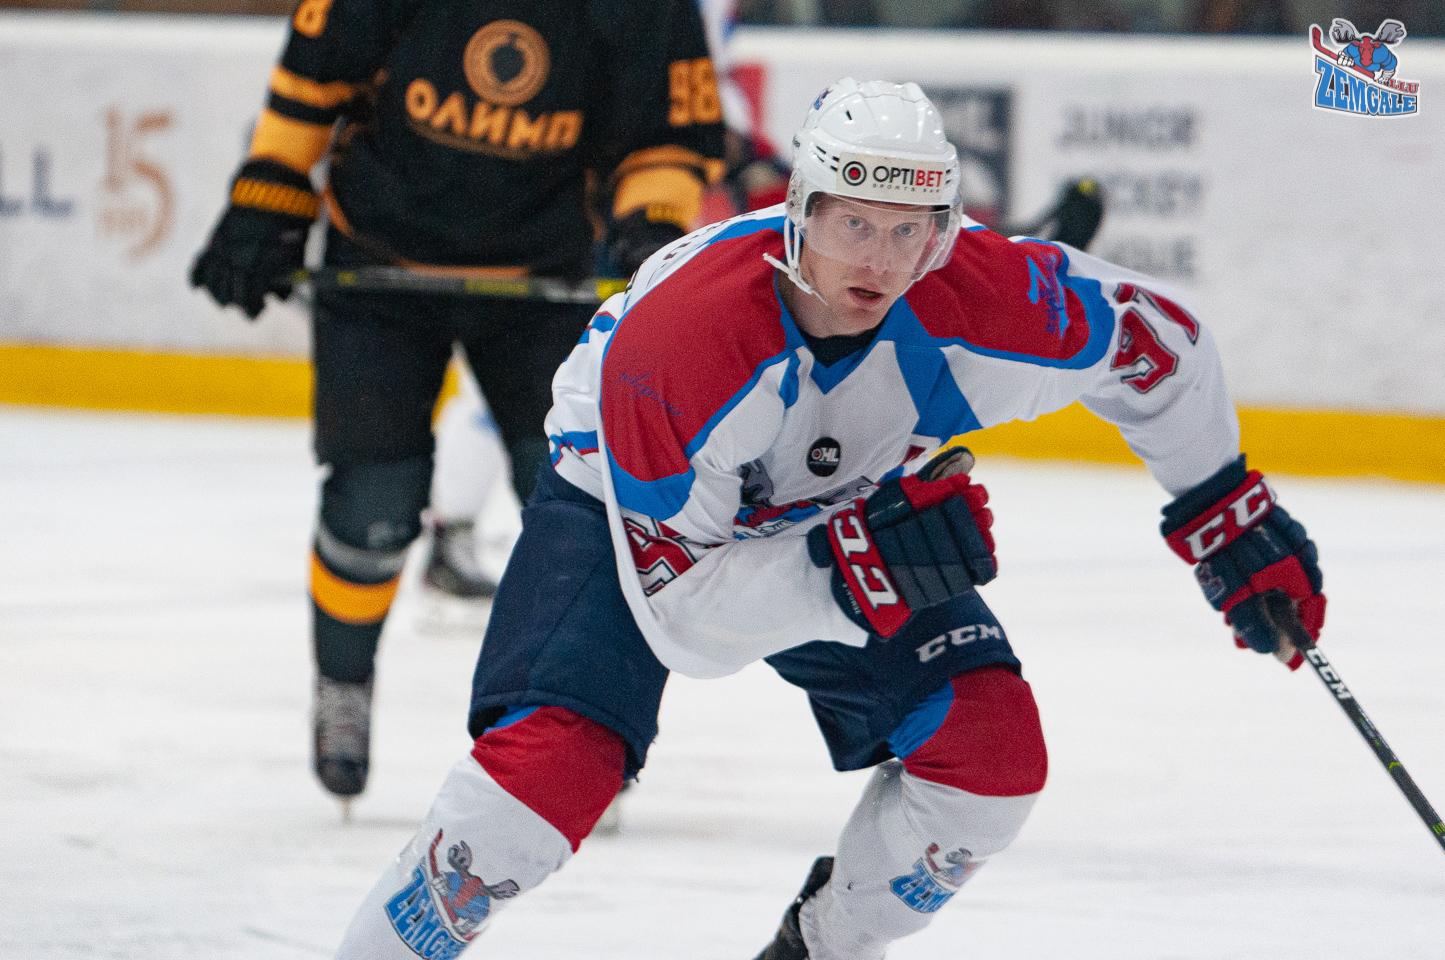 Hokejista tuvplāna foto, kad viņš dodas uzbrukumā